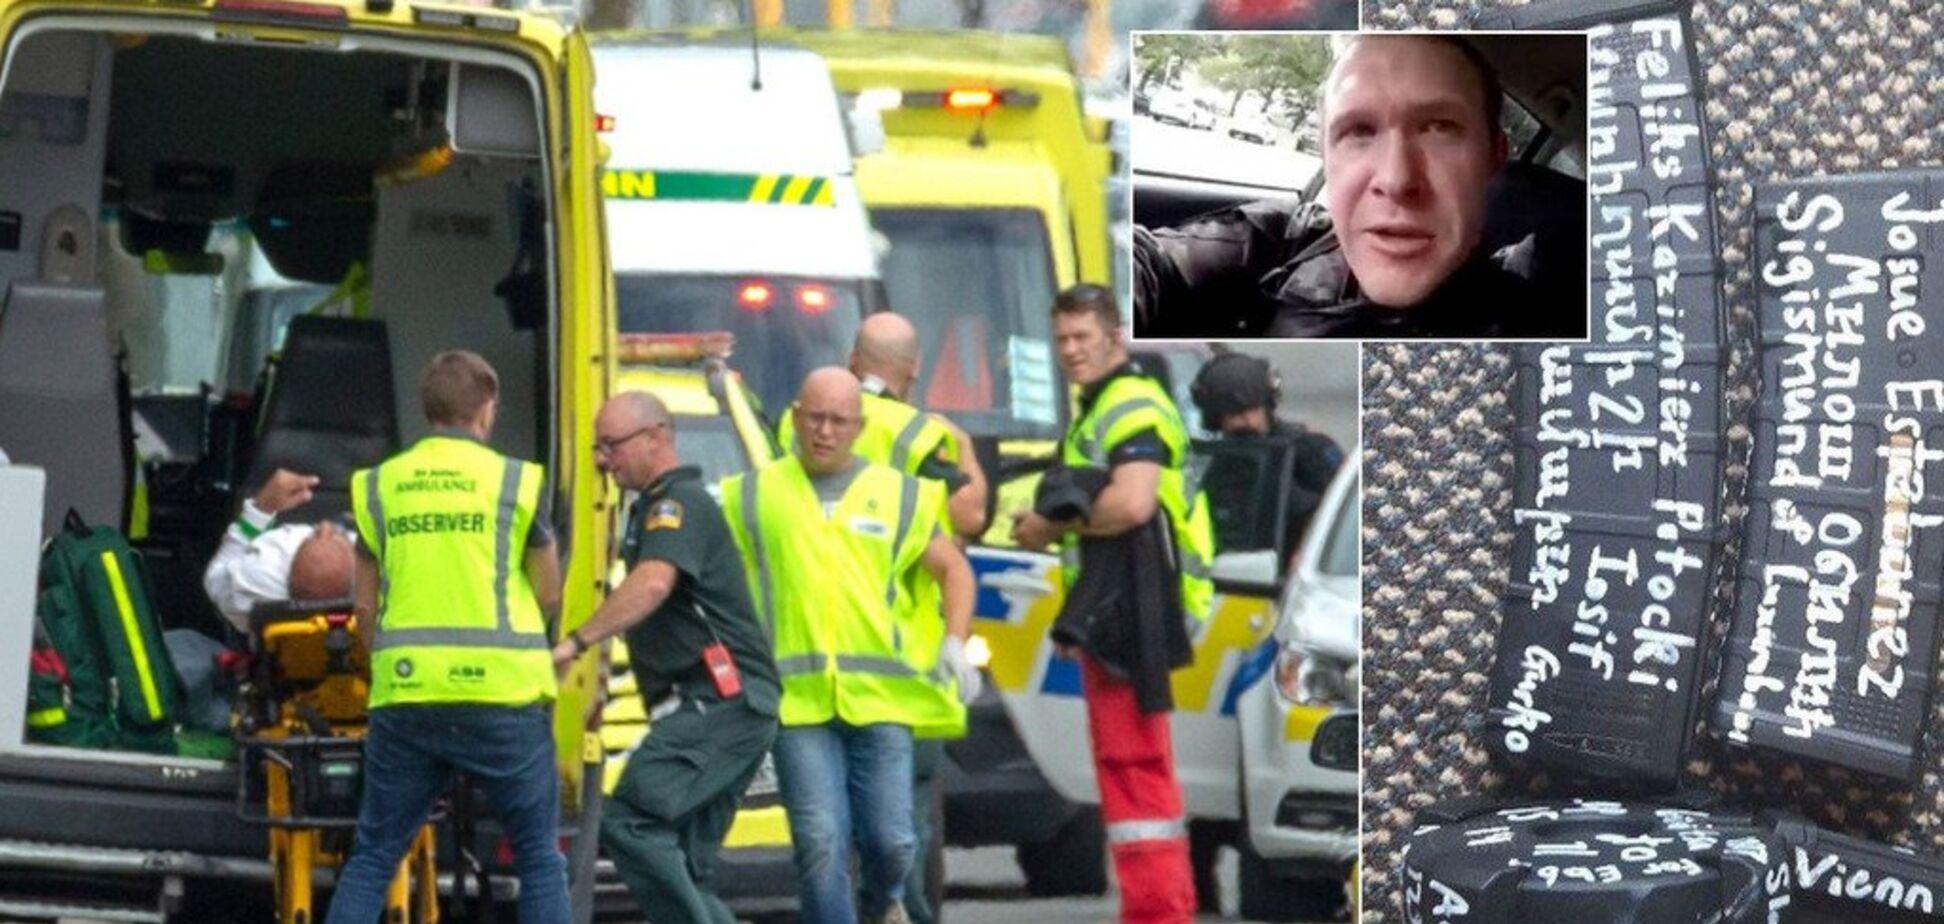 Цілилися у дітей: у Новій Зеландії розстріляли мечеті і лікарню. 49 жертв, близько 40 поранених